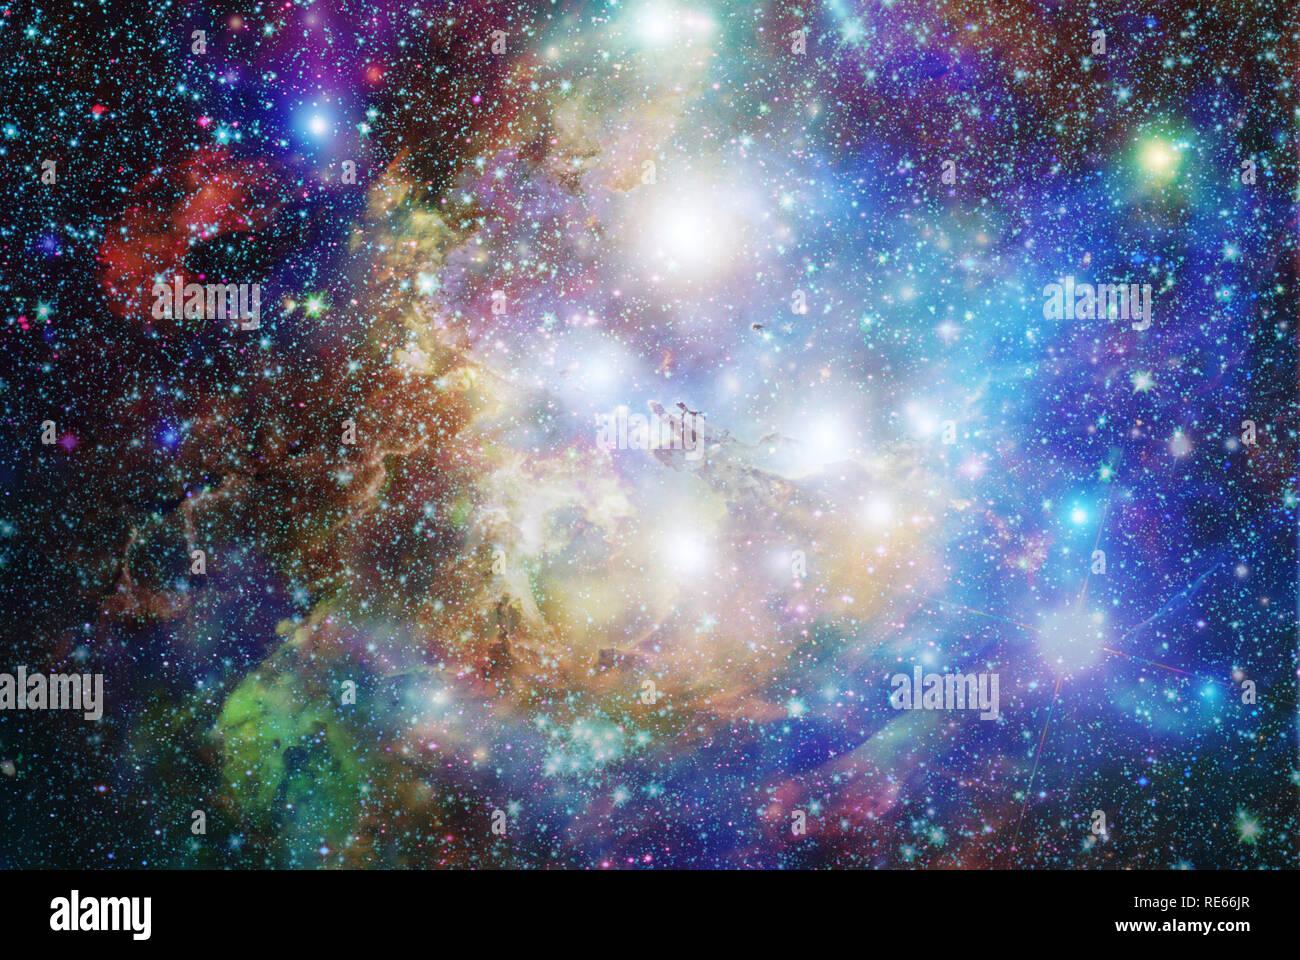 Composé de divers espace, nébuleuse et stars images Photo Stock